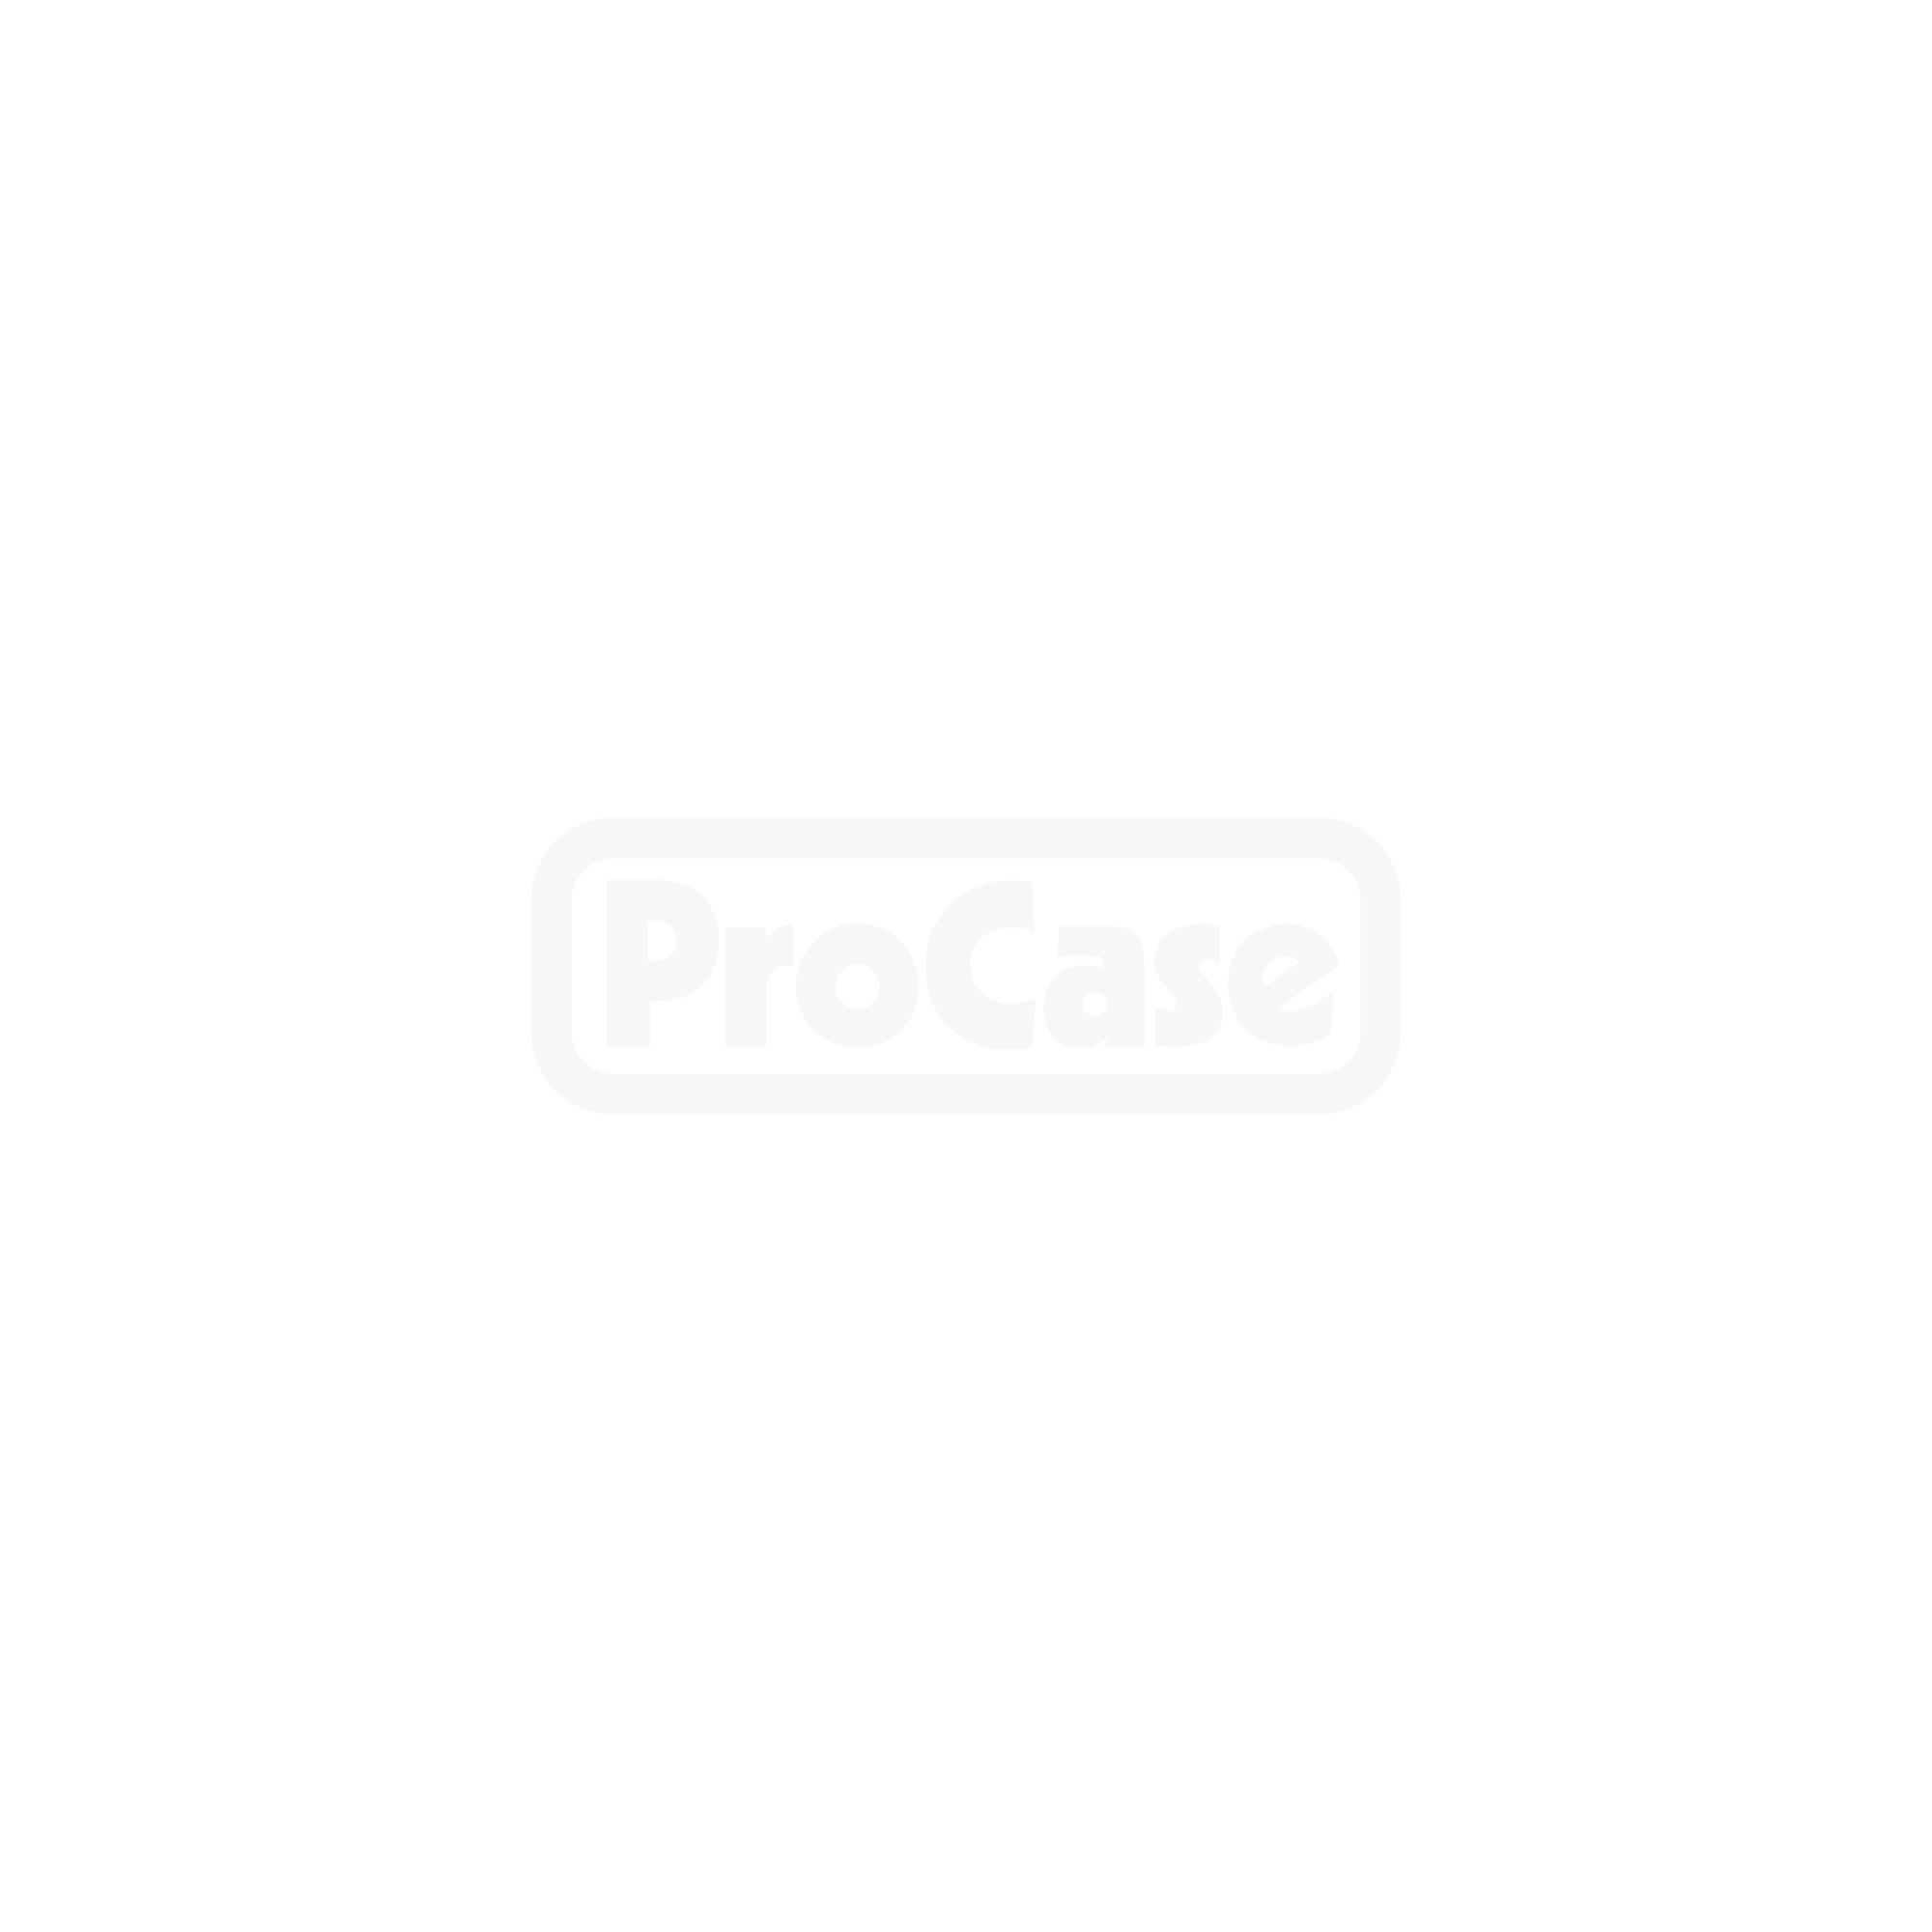 Flipcase für Allen&Heath dLive C2500